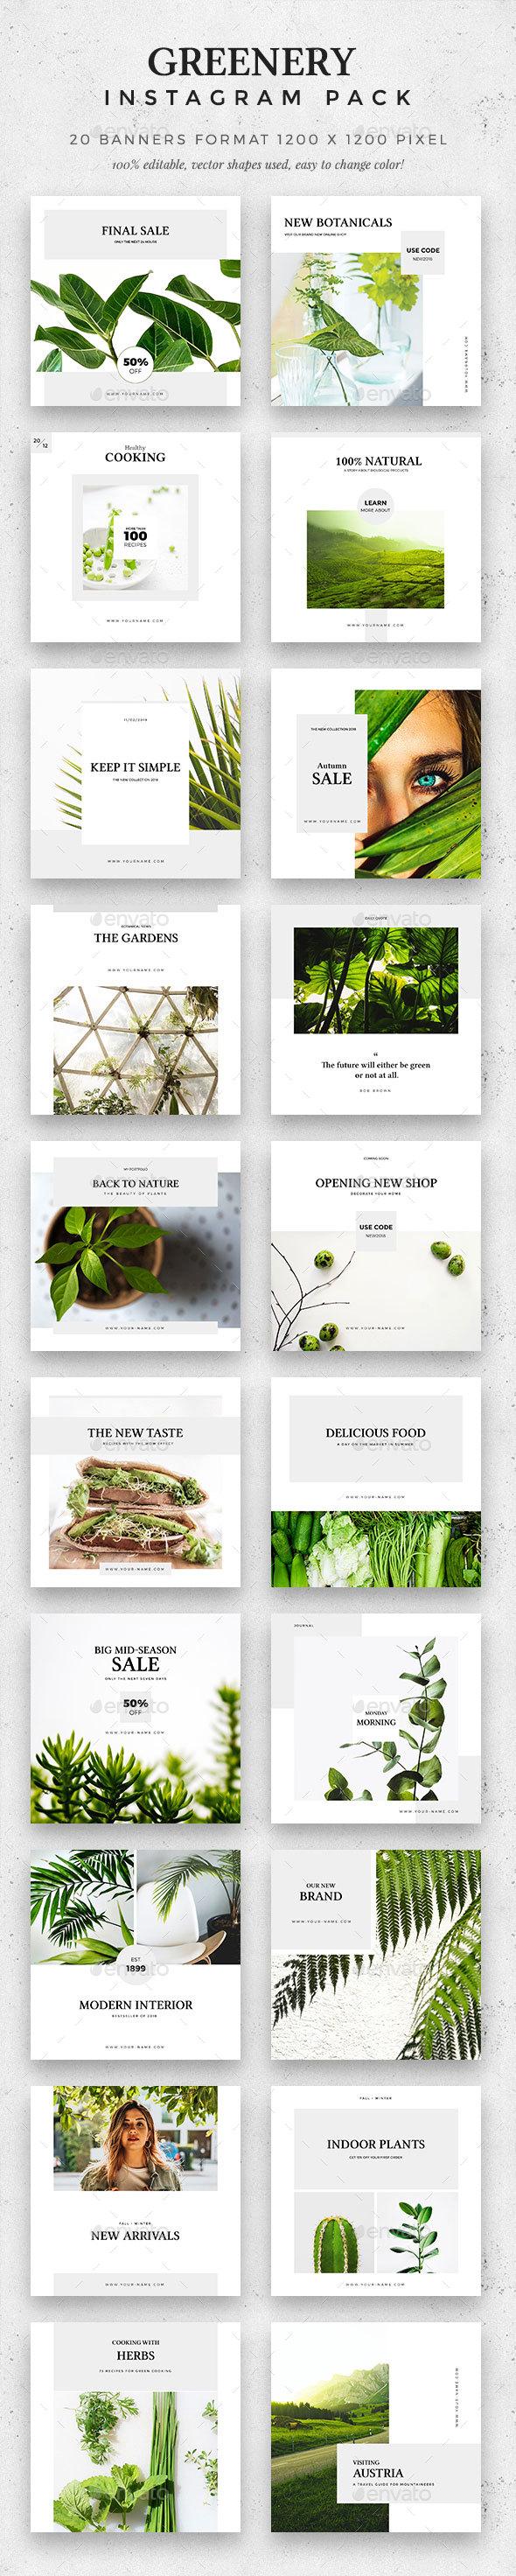 Greenery -  Instagram Pack